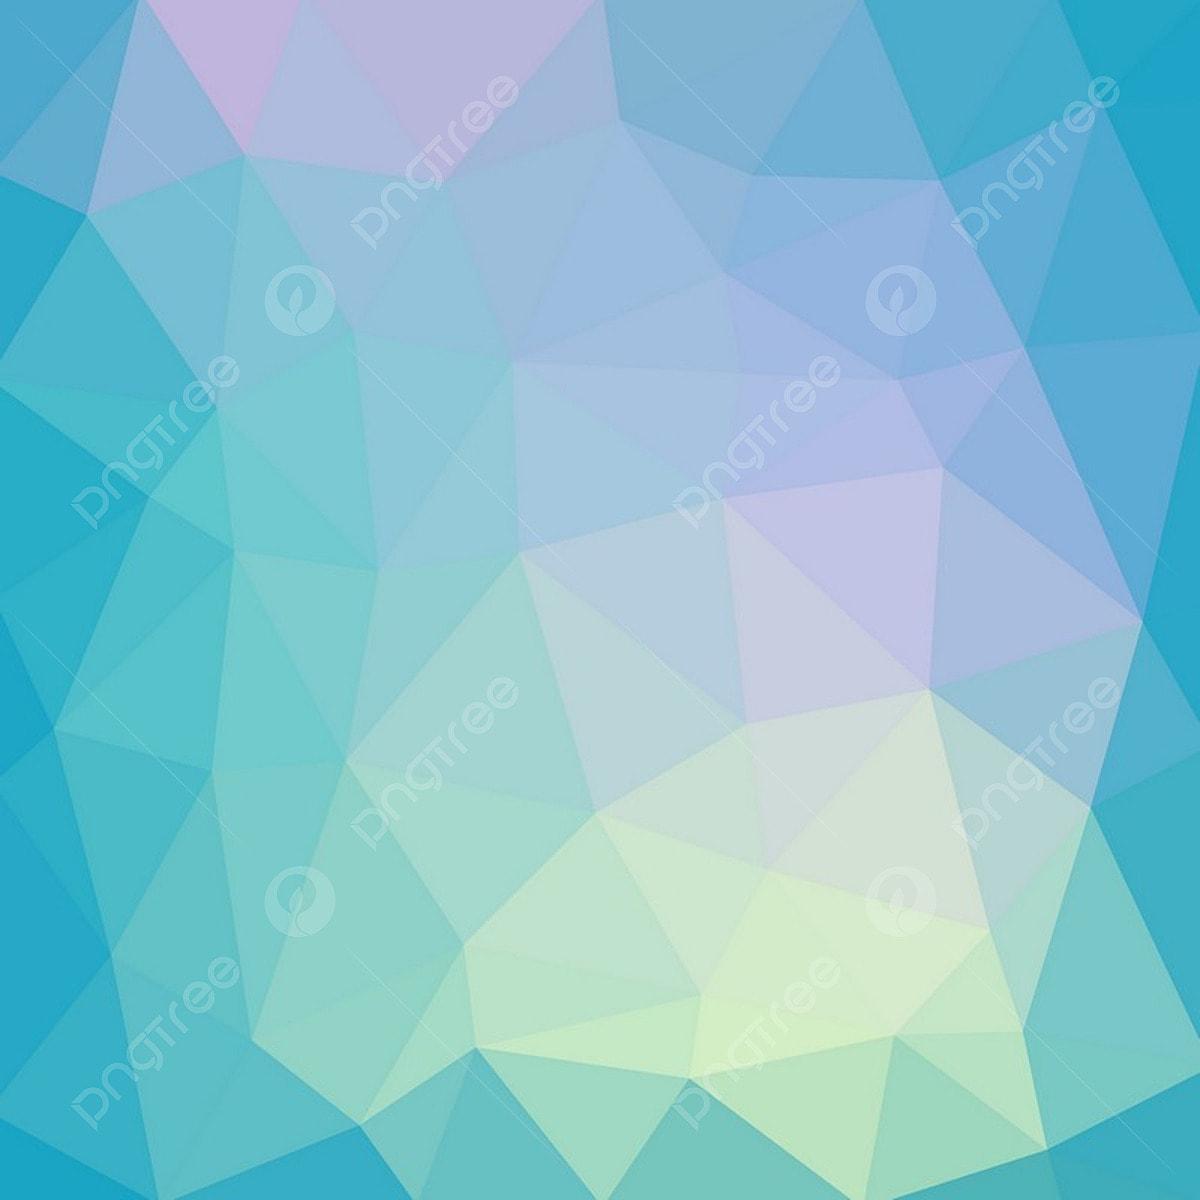 أزرق فاتح ناعم مضلع ناقلات خلفية المنخفضة بولي الكريستال تصميم فسيفساء نمط لوحة Png والمتجهات للتحميل مجانا